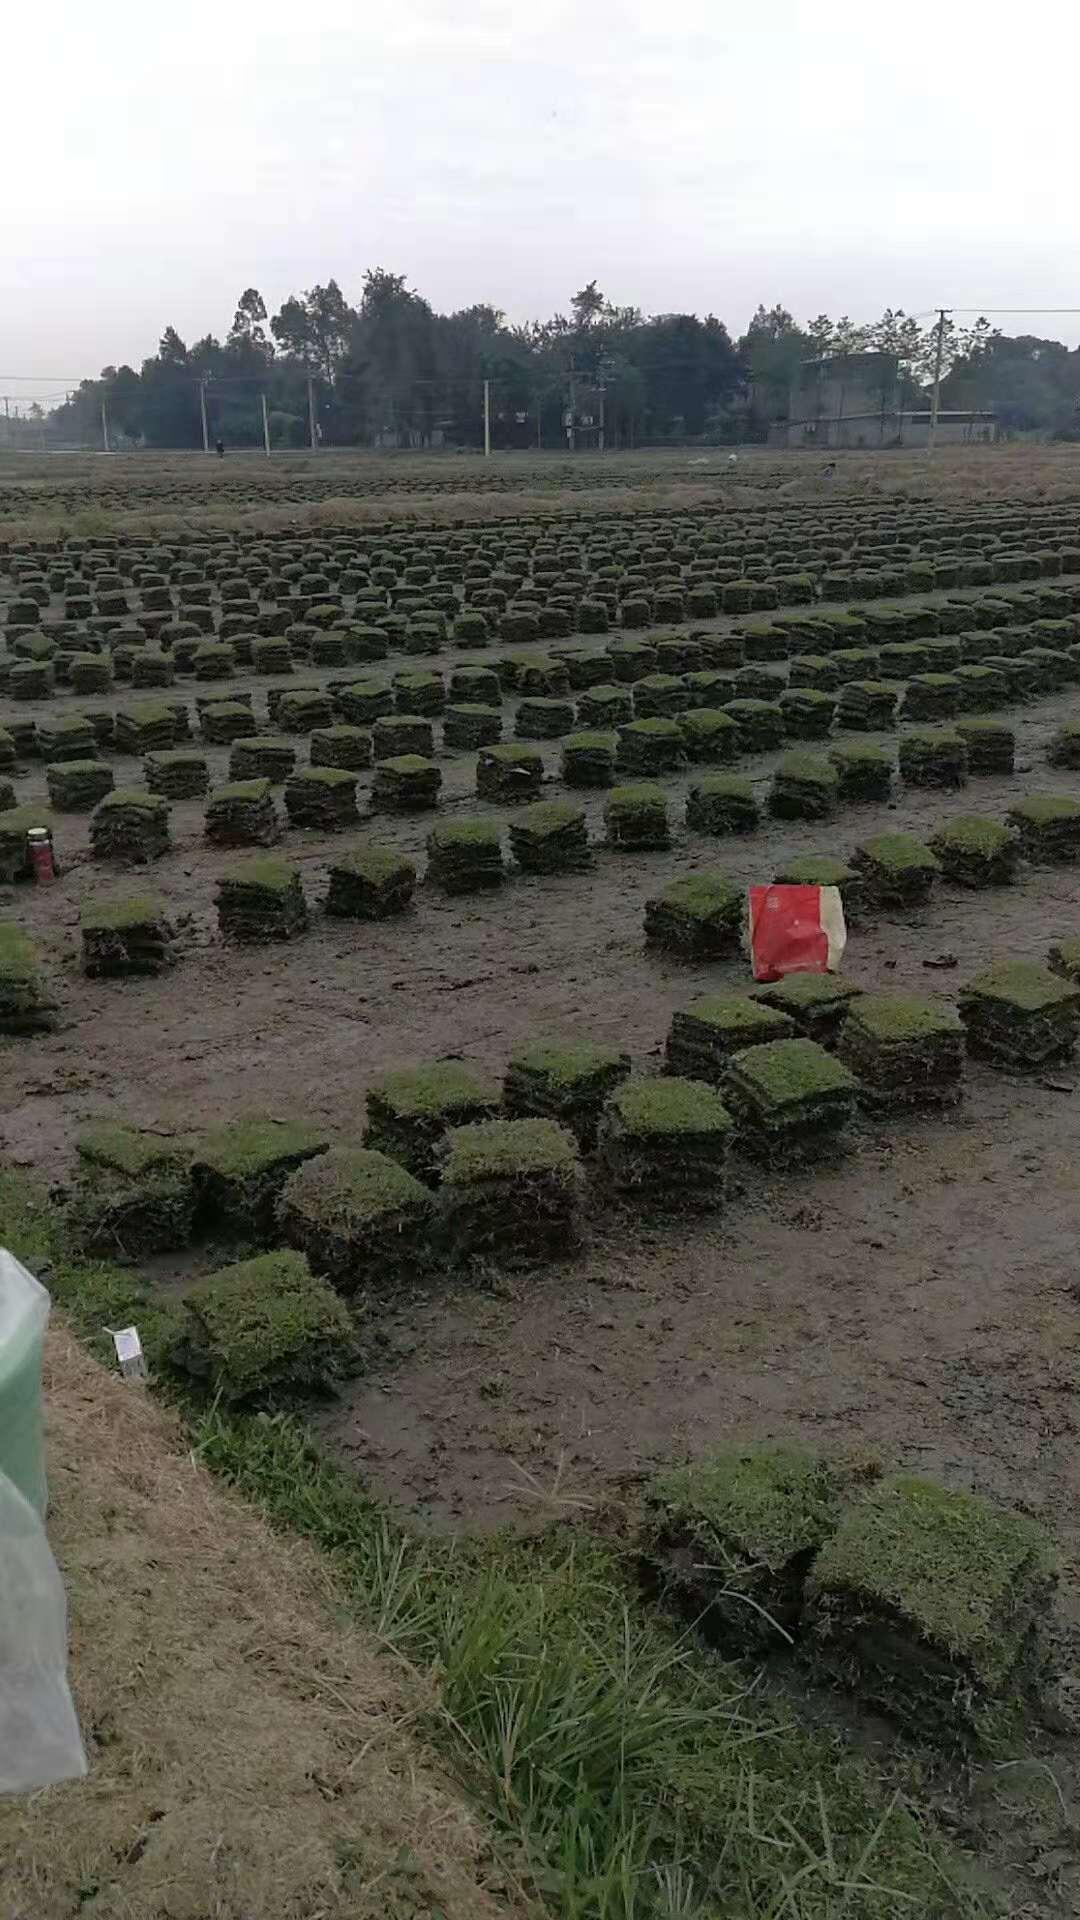 草皮公司提醒:切勿在下雨天铺草皮